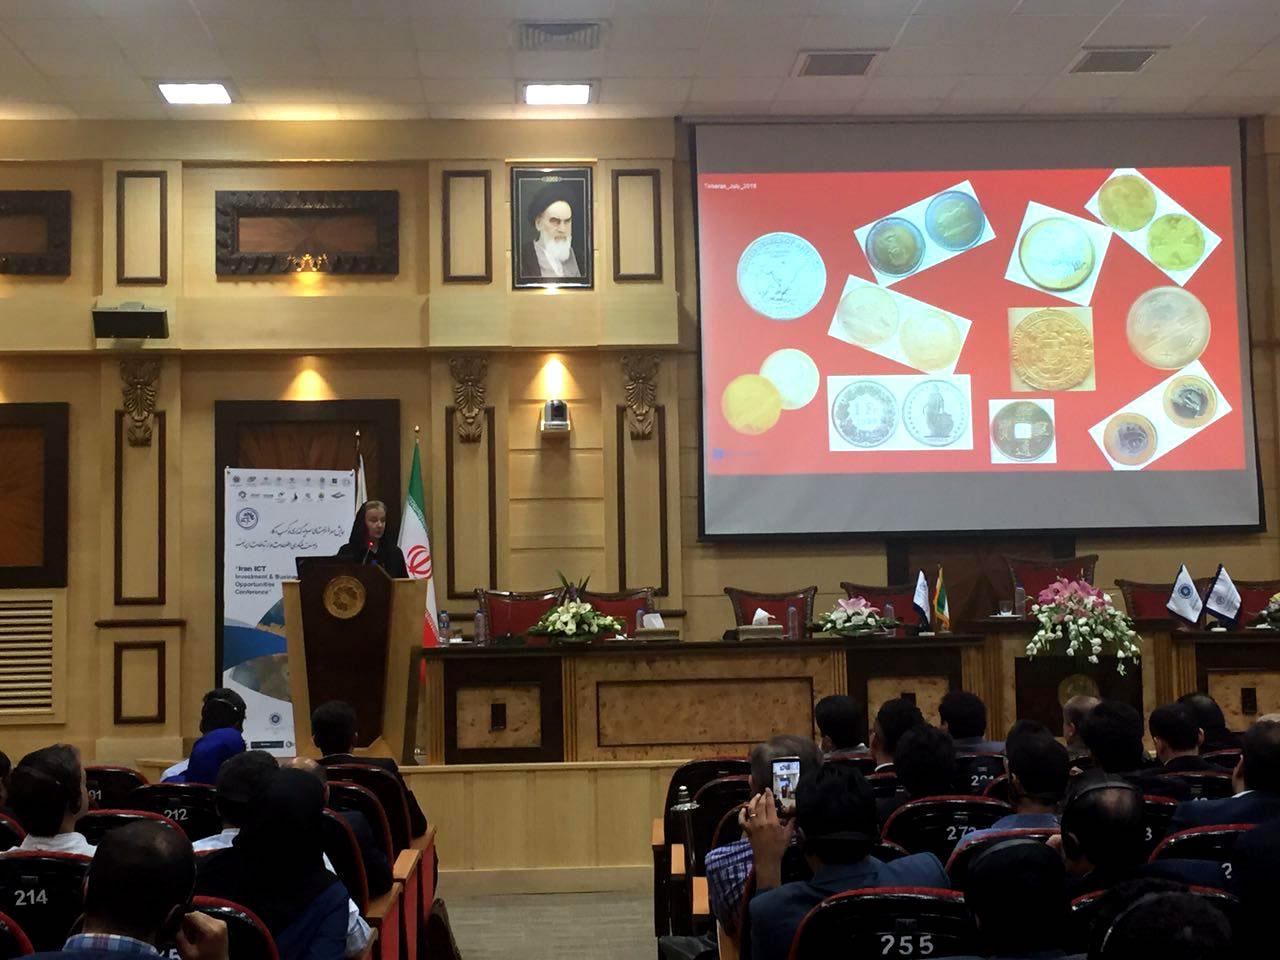 اولین روز از همایش معرفی فرصتهای سرمایهگذاری و کسب و کار در صنعت فناوری اطلاعات و ارتباطات برگزار شد